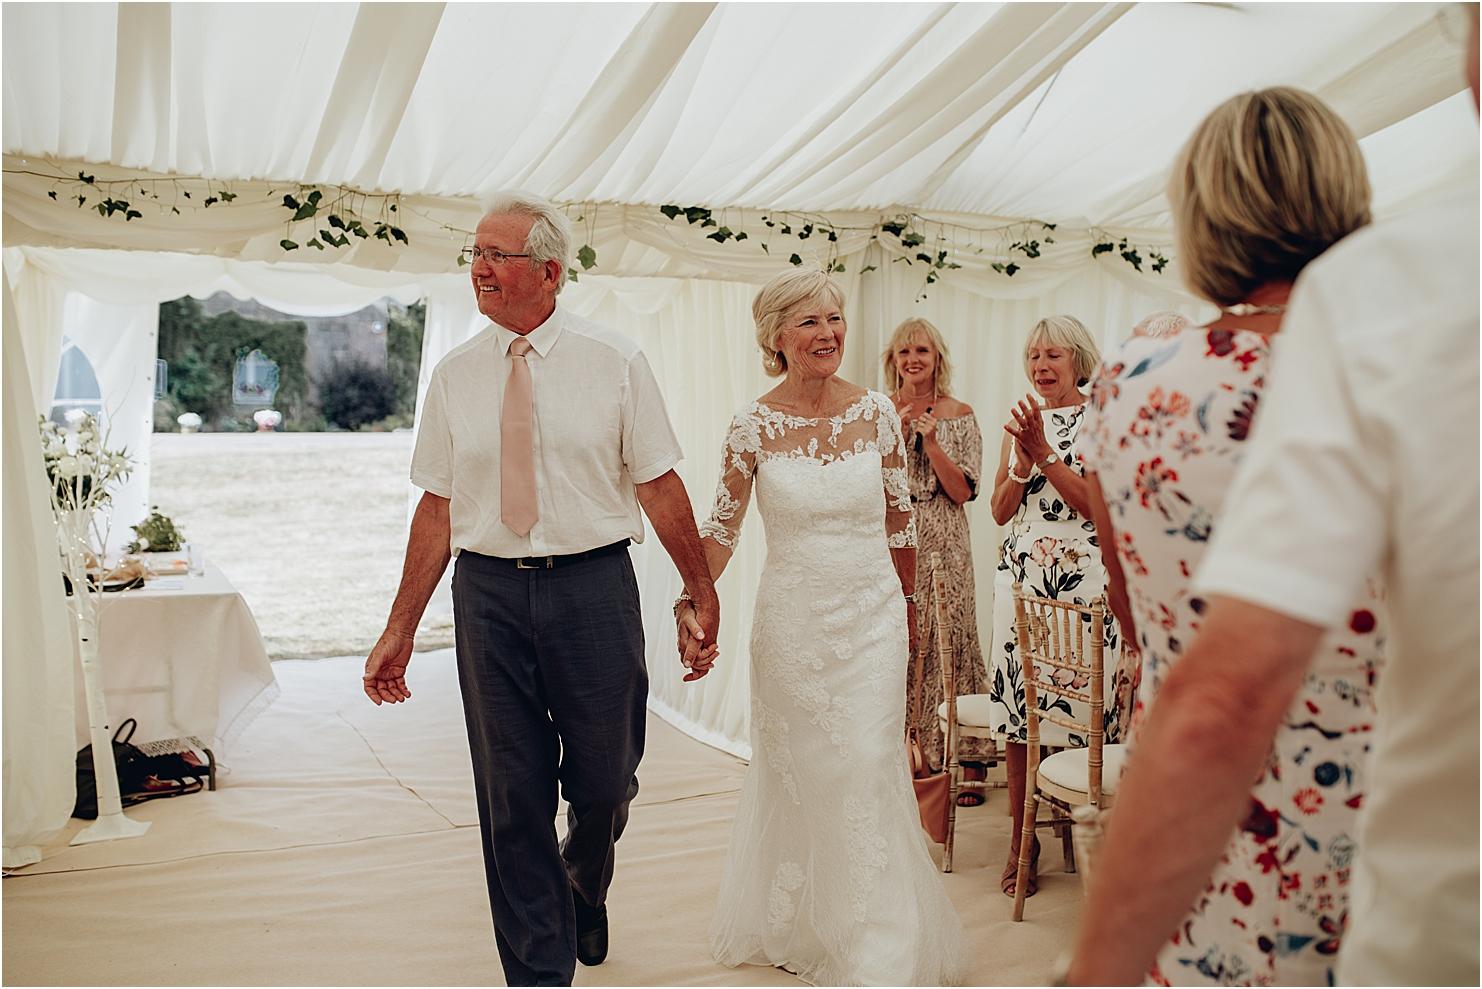 fotos de boda en exterior-10.jpg